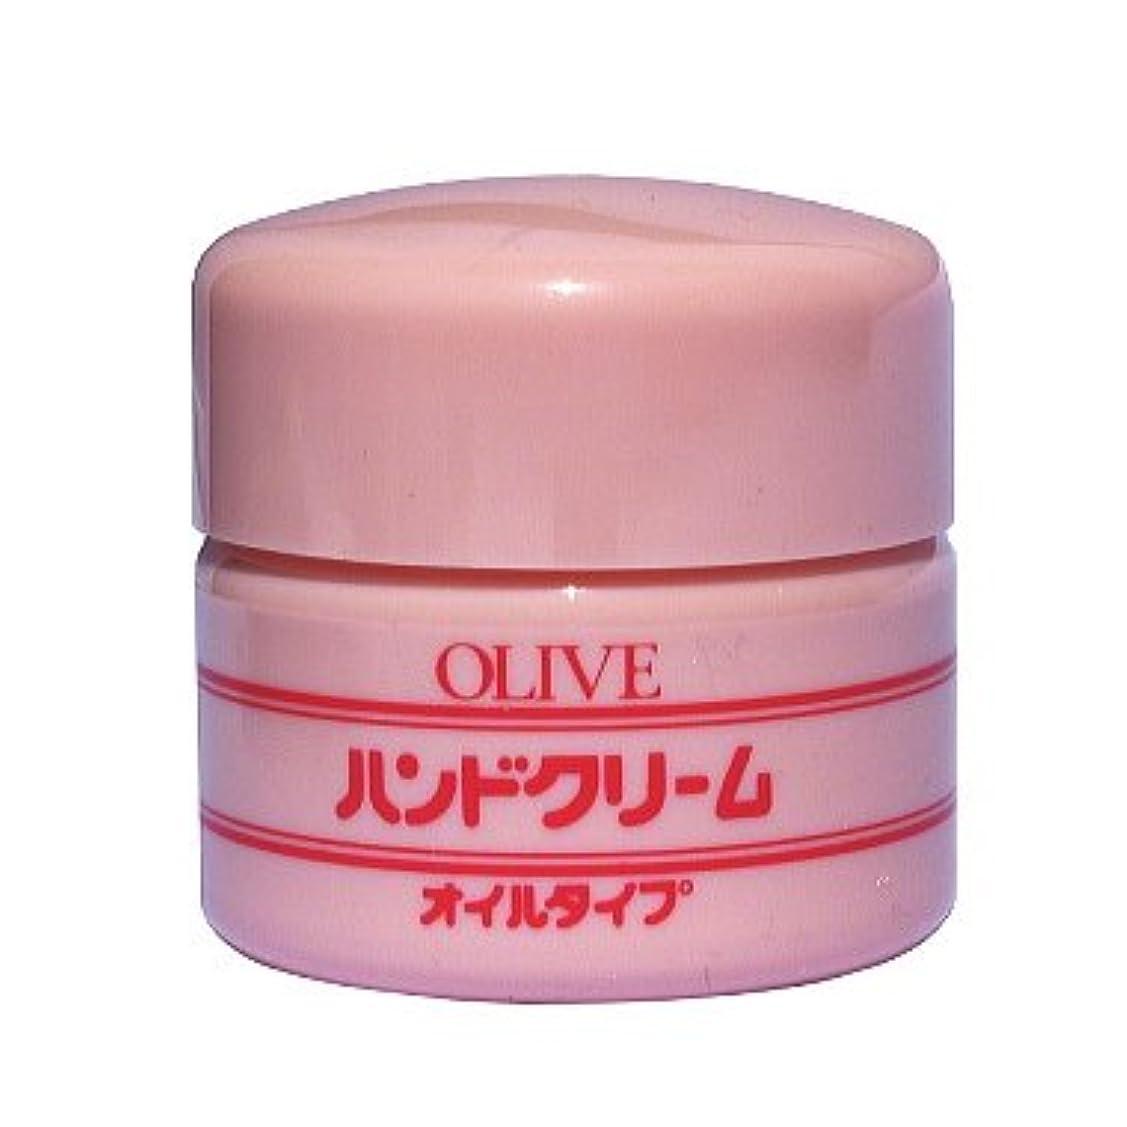 惨めな正気キャップ鈴虫化粧品 オリーブハンドクリーム(オイルタイプ/容器タイプ)53g